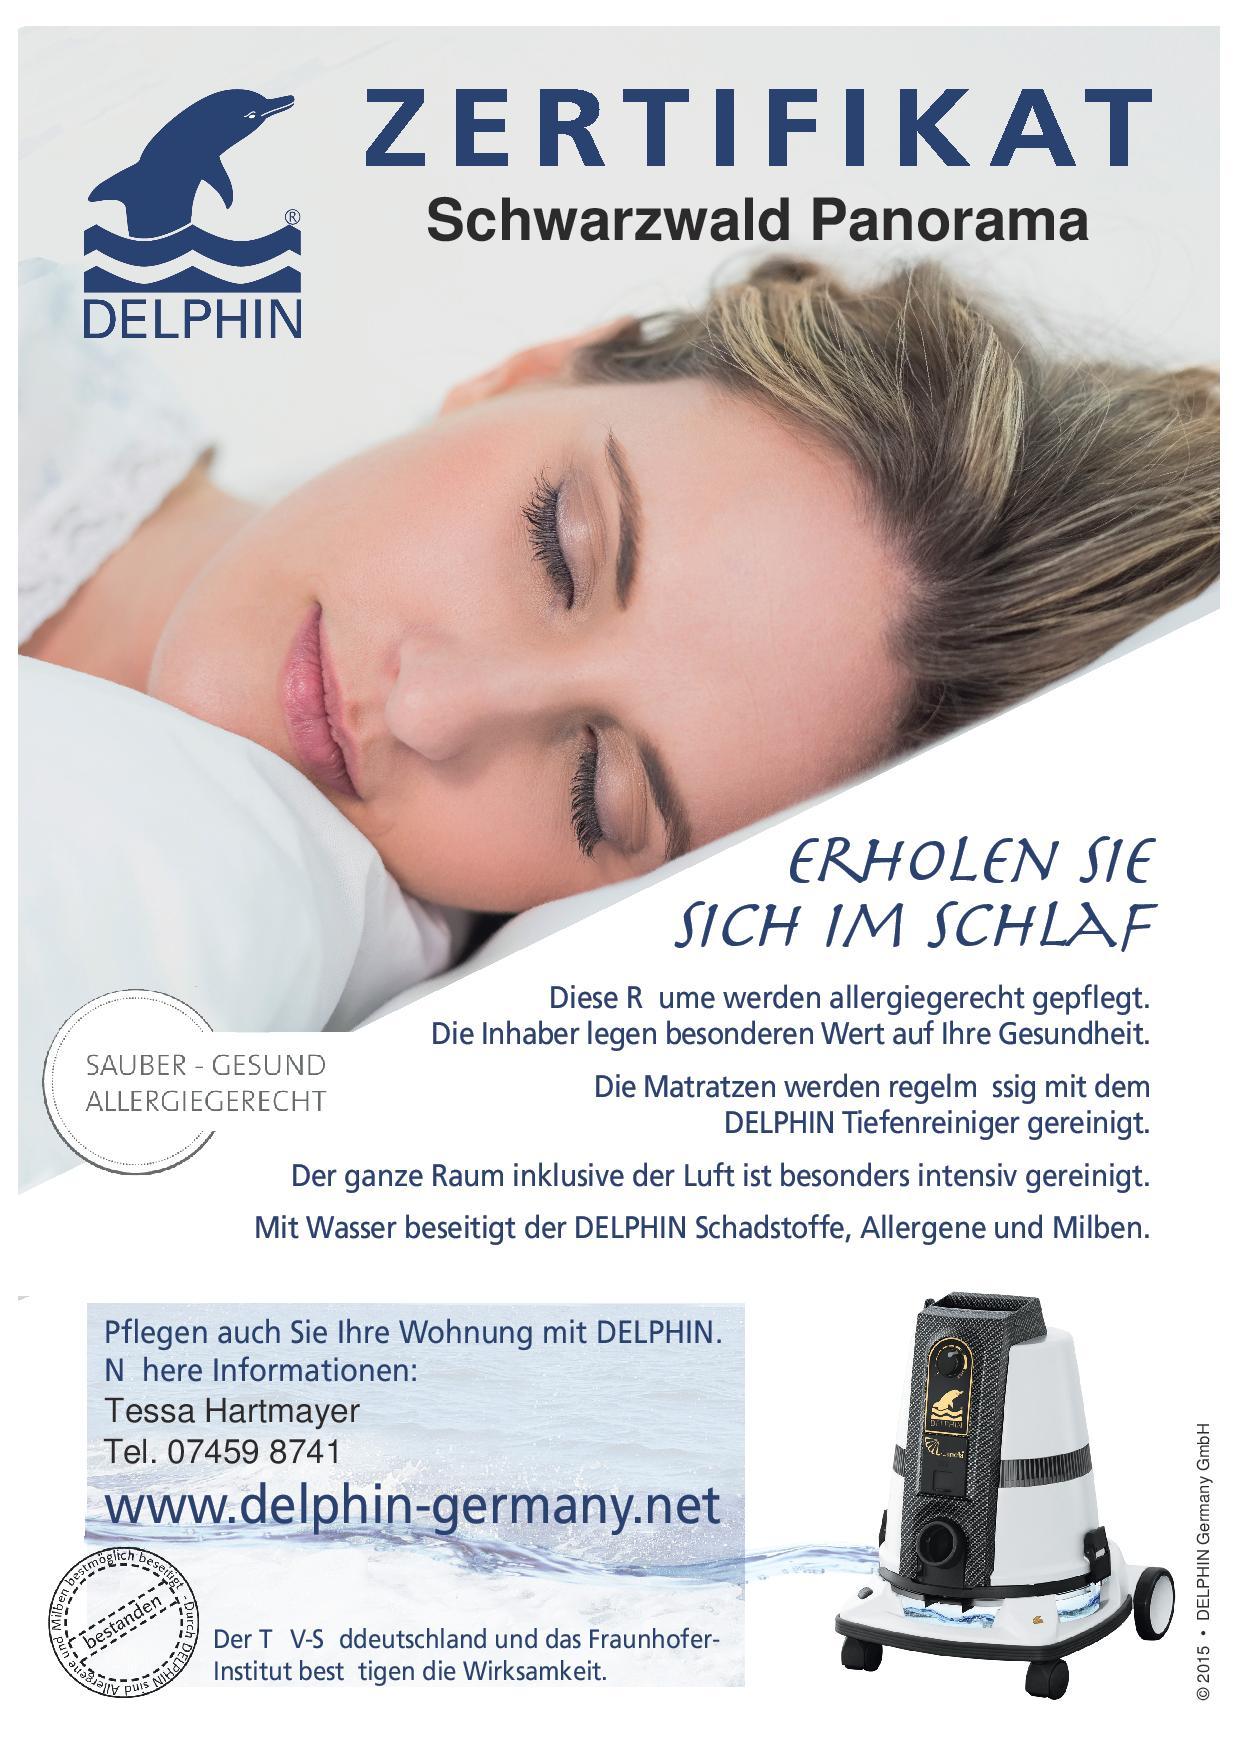 Zertifikat Delphin